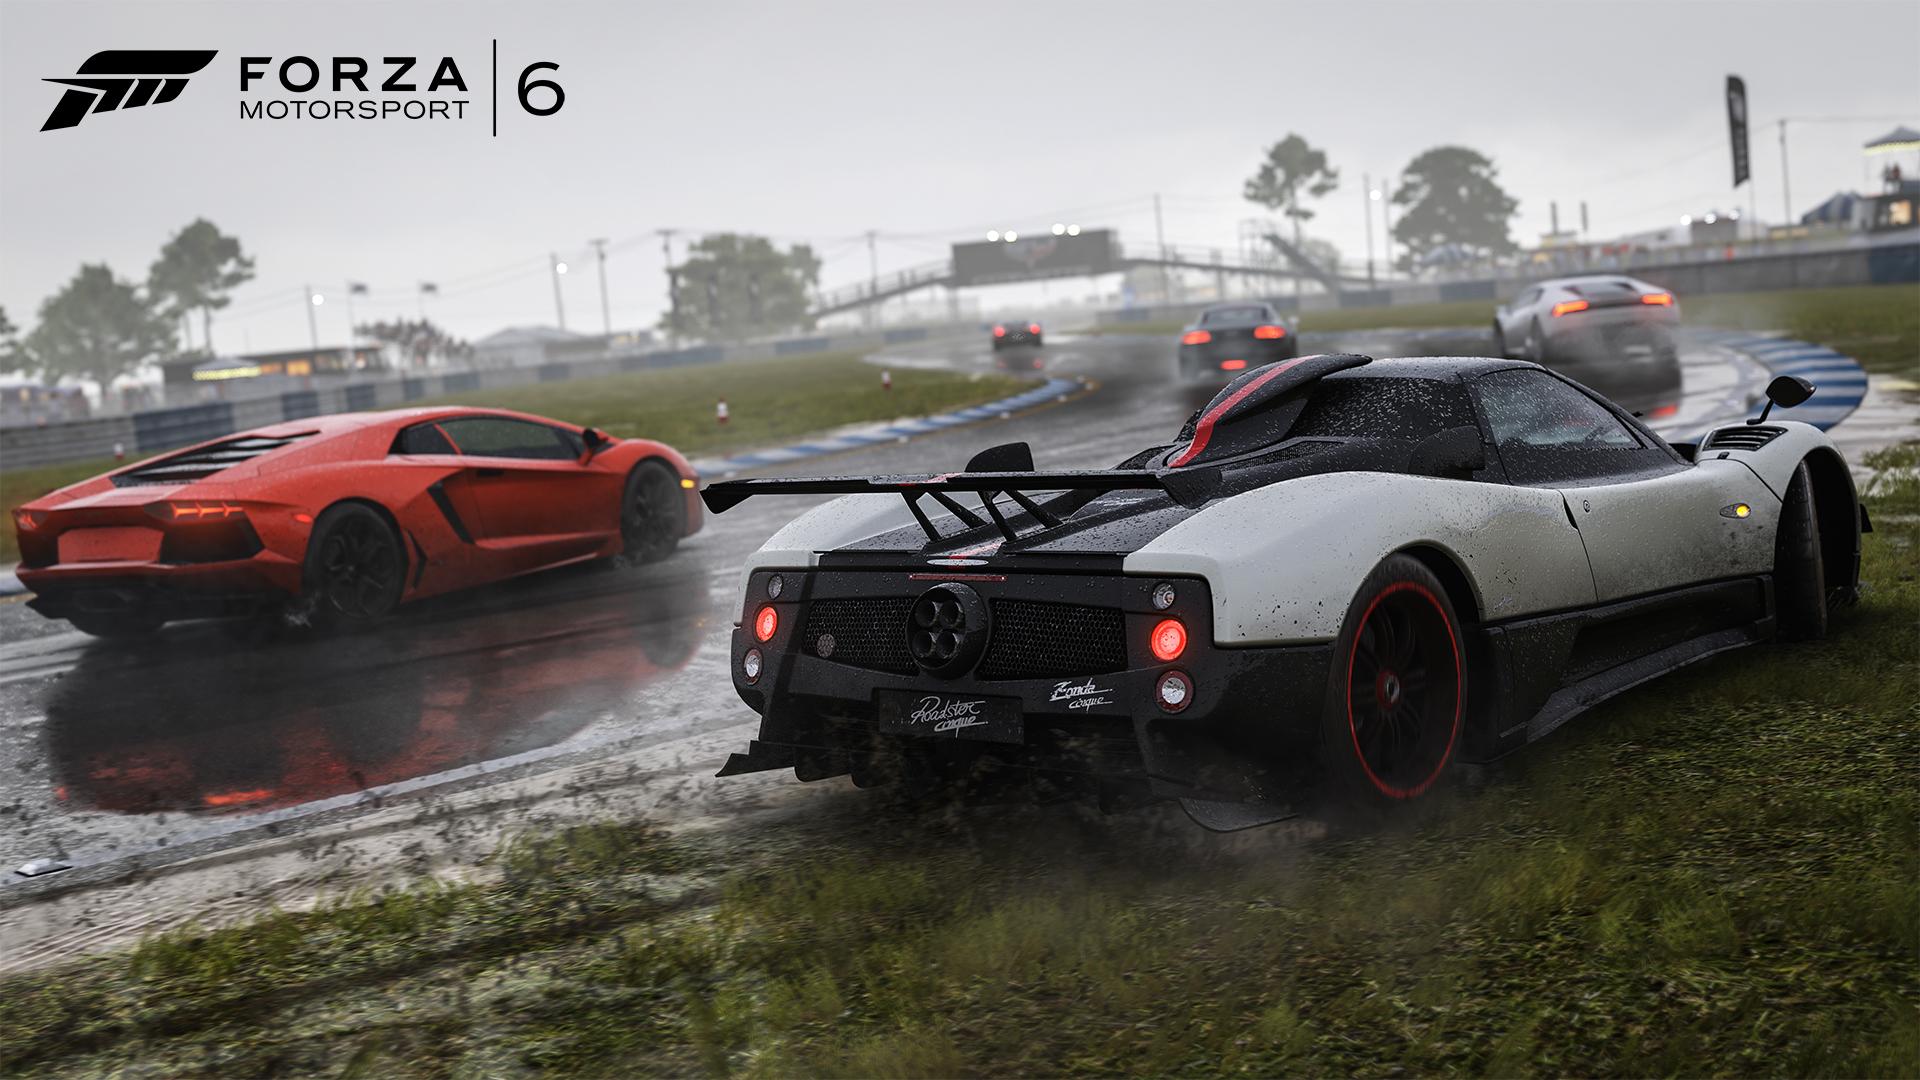 The Joy Ride of Forza